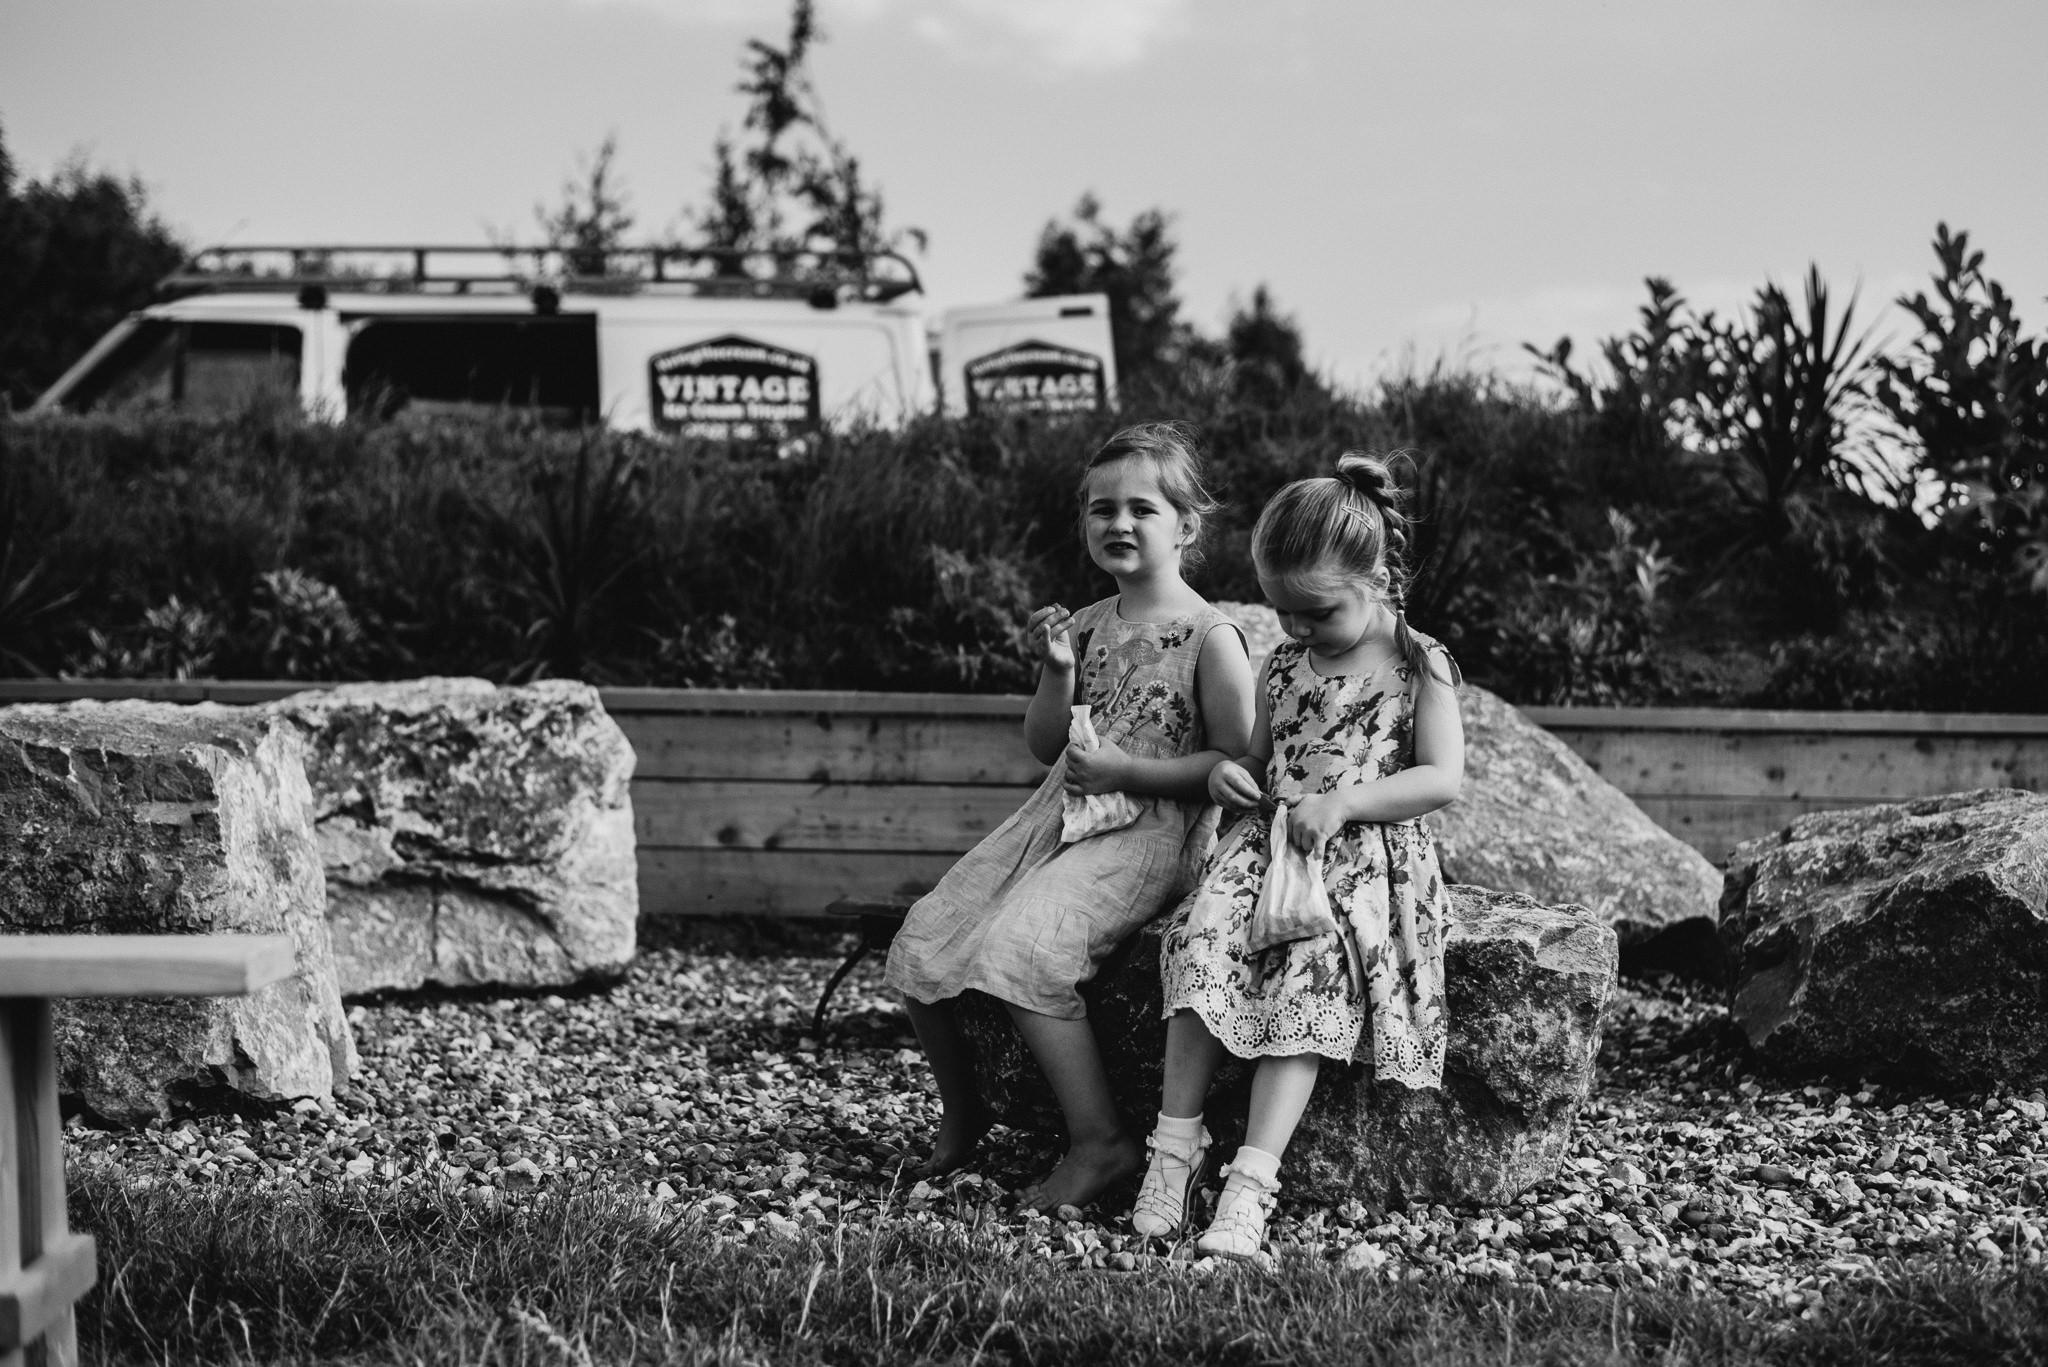 leeds-reportage-wedding-photography-15.jpg